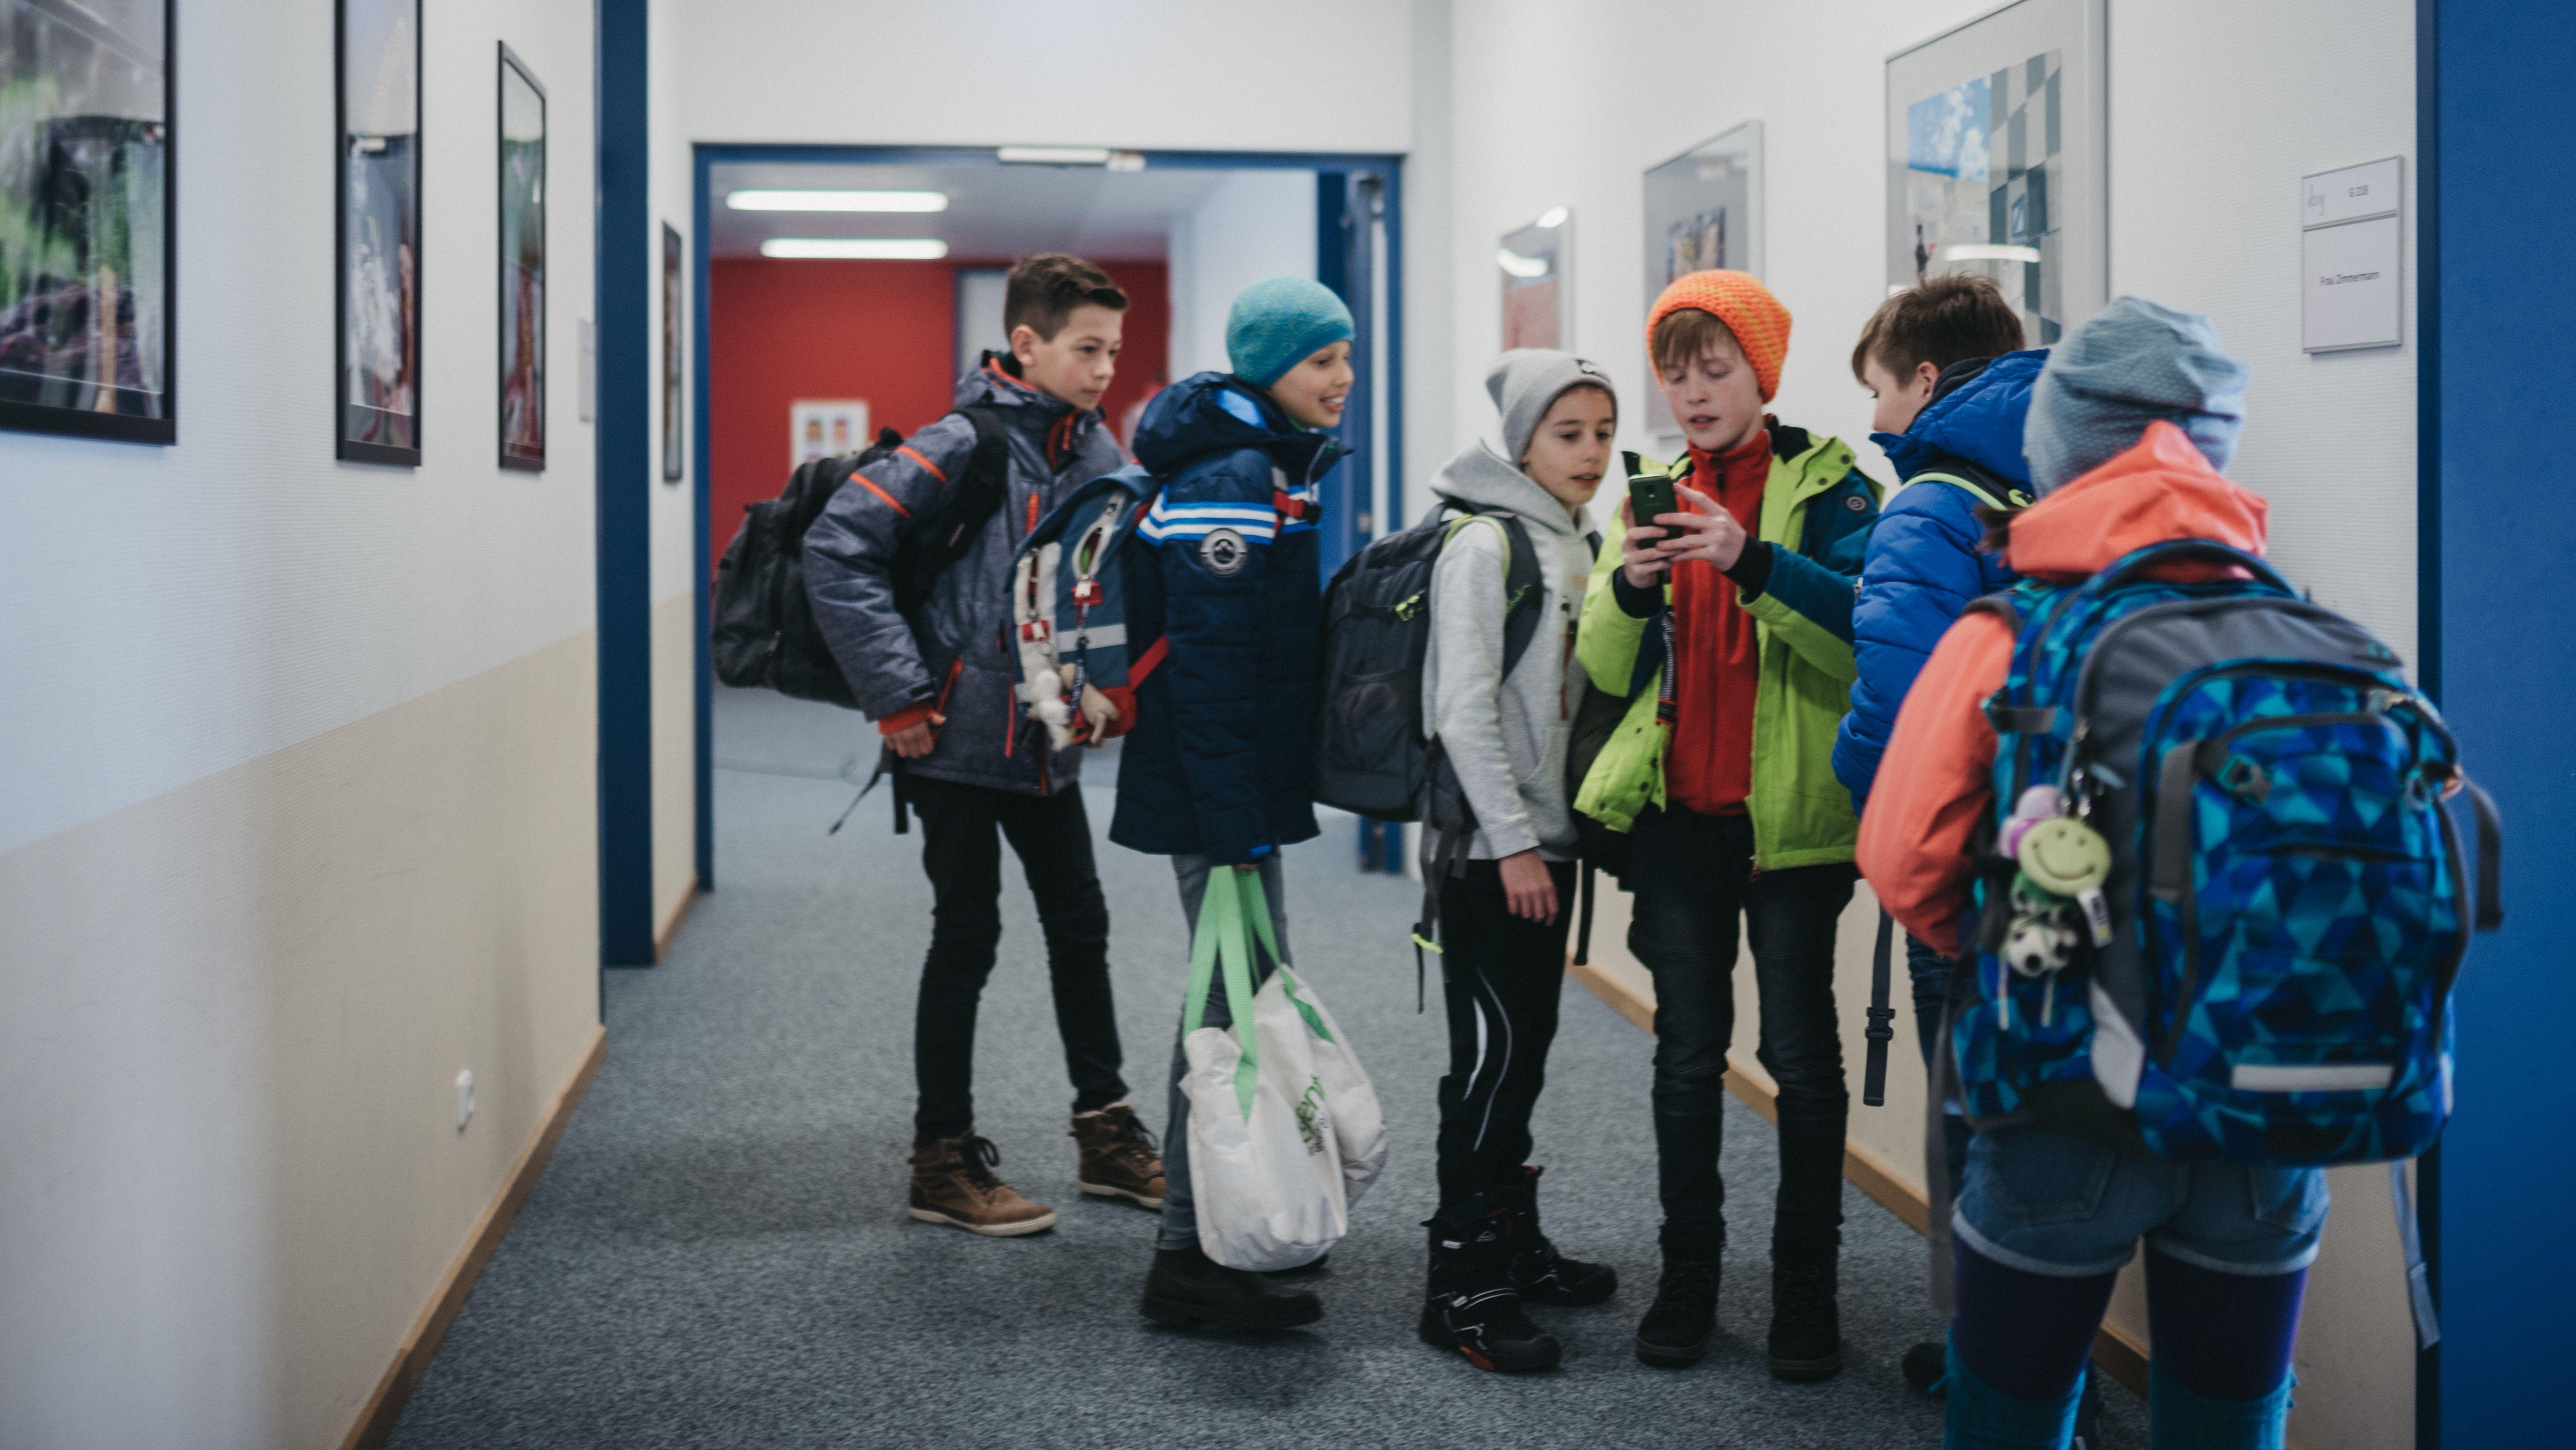 Schüler, im Gang, mit einem Handy.